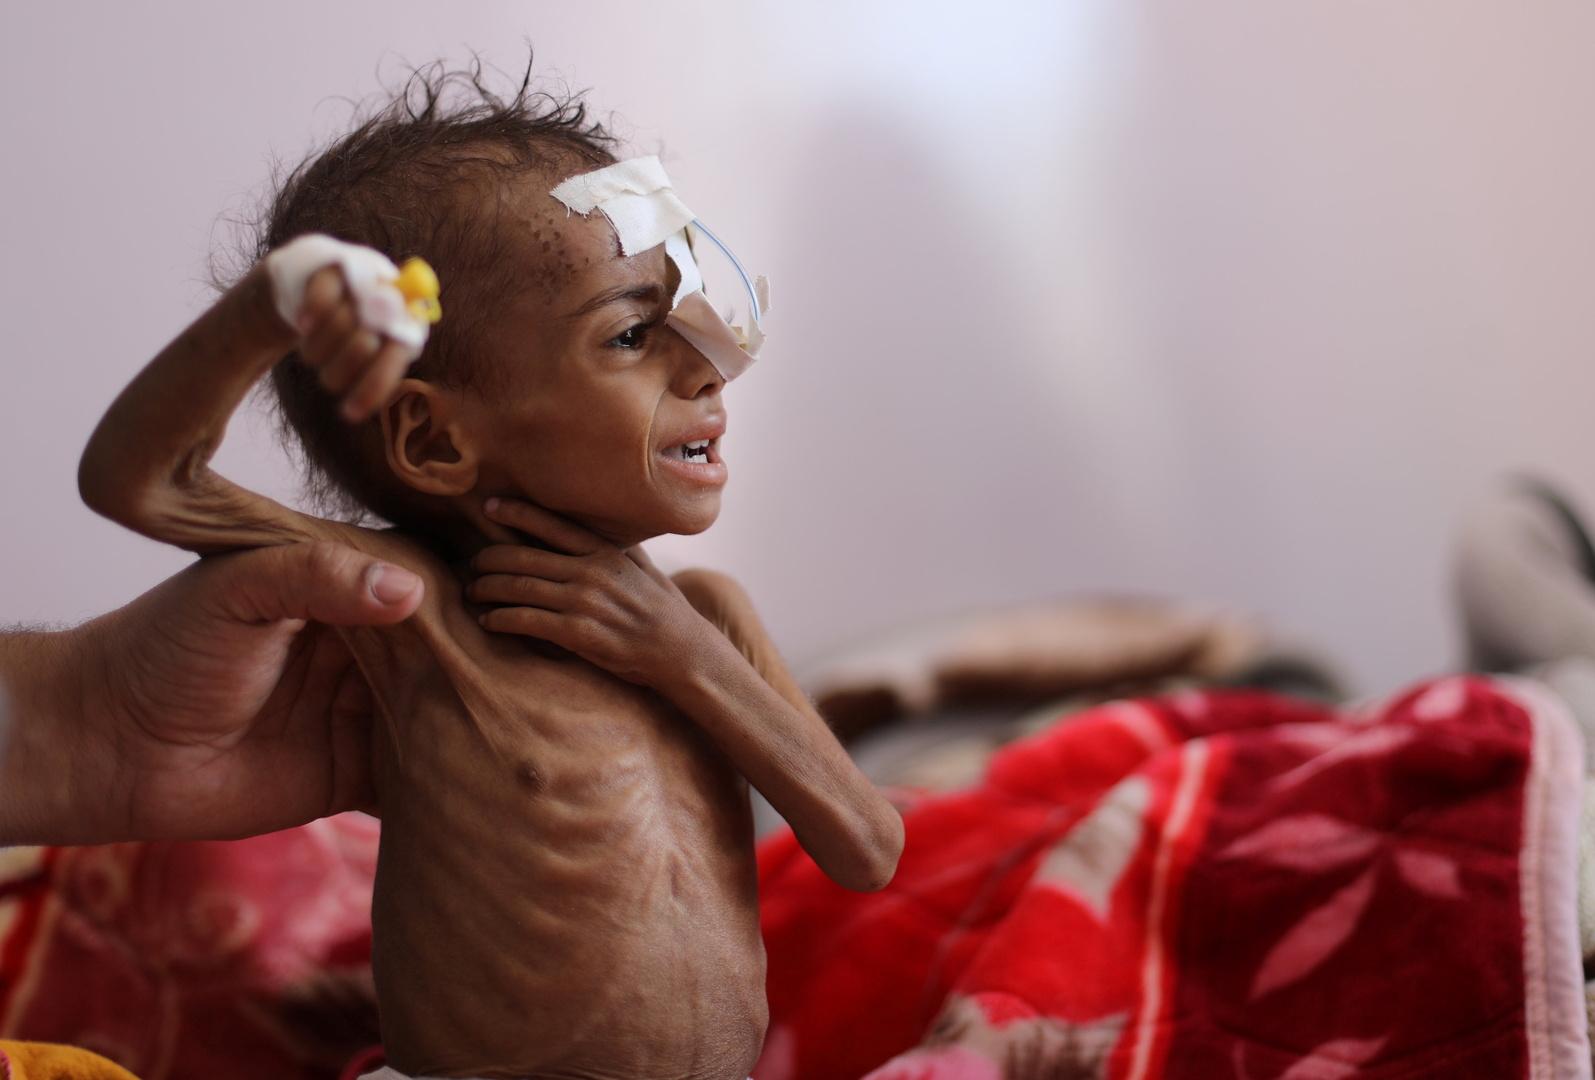 الأمم المتحدة تحذر من مجاعة جديدة تطال الملايين في اليمن